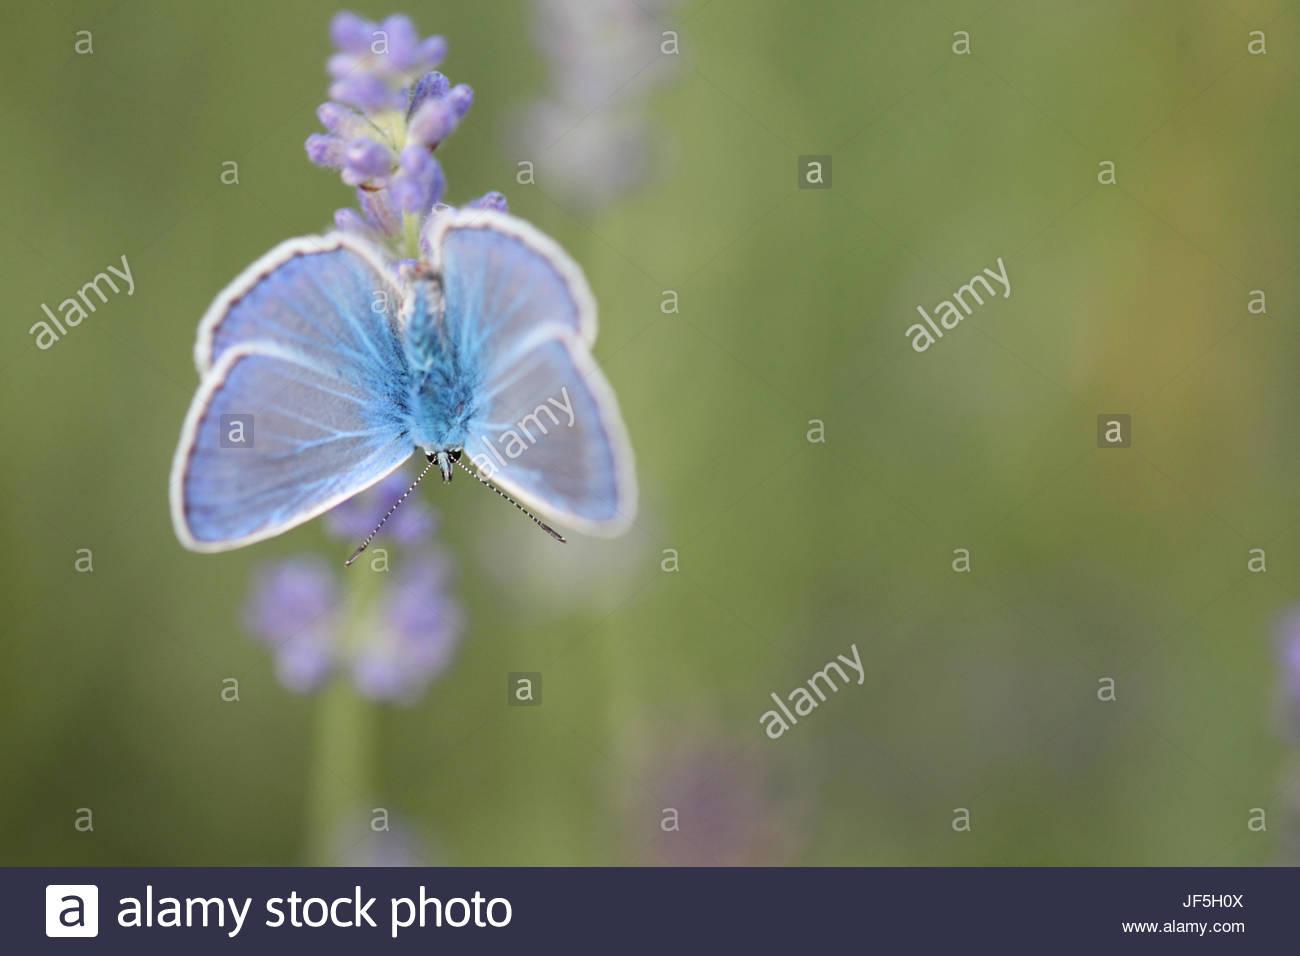 Retrato de una mariposa azul común, Polyommatus icarus, sobre una flor de lavanda Lavandula angustifolia. Imagen De Stock